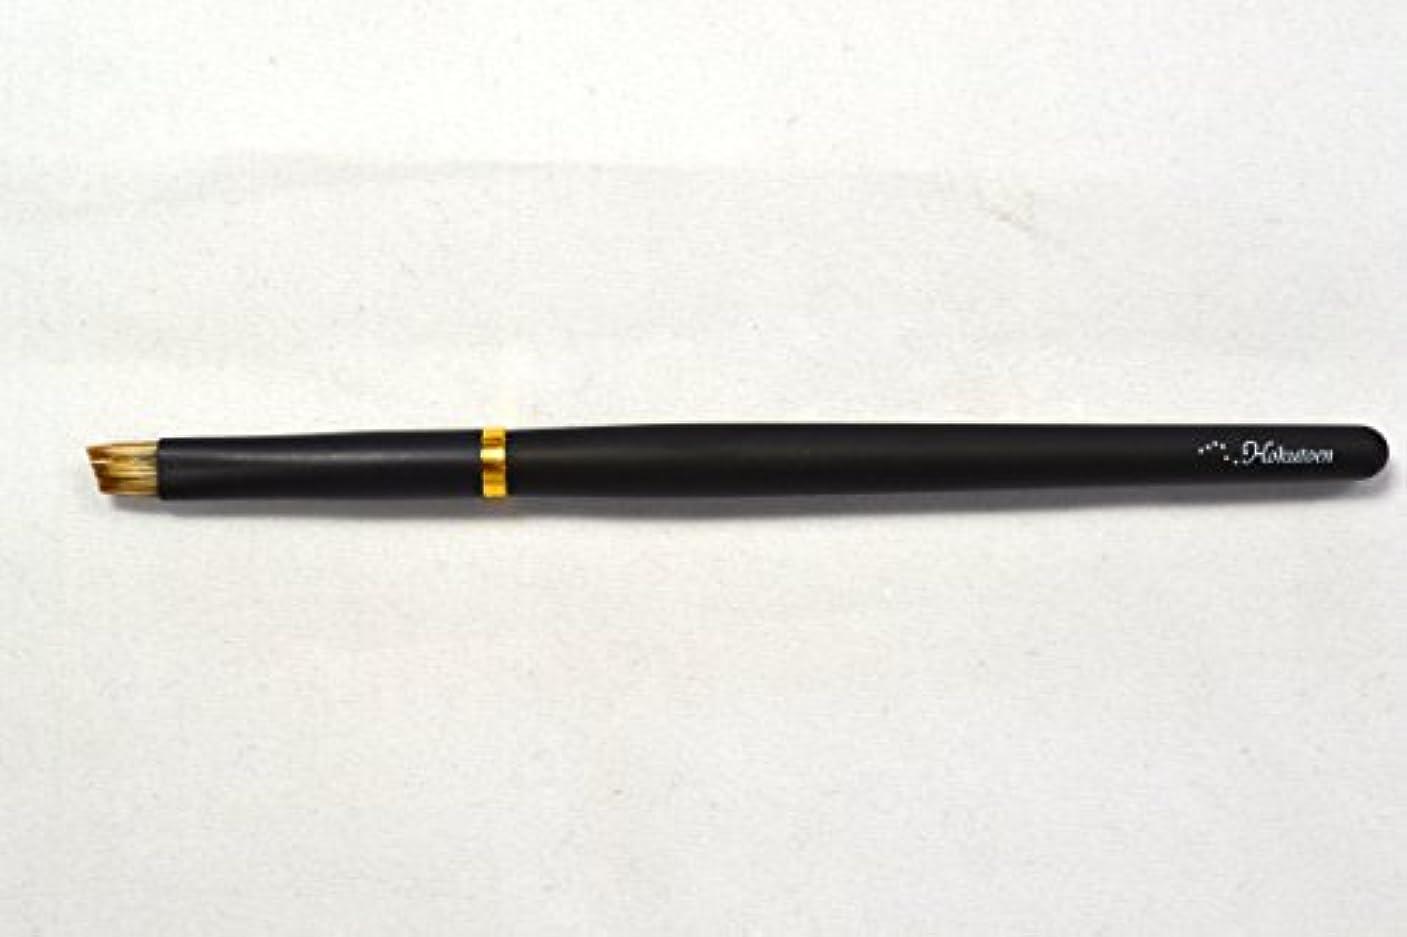 告白する減少放散する熊野筆 北斗園 HBSシリーズ アイブロウブラシ(黒)